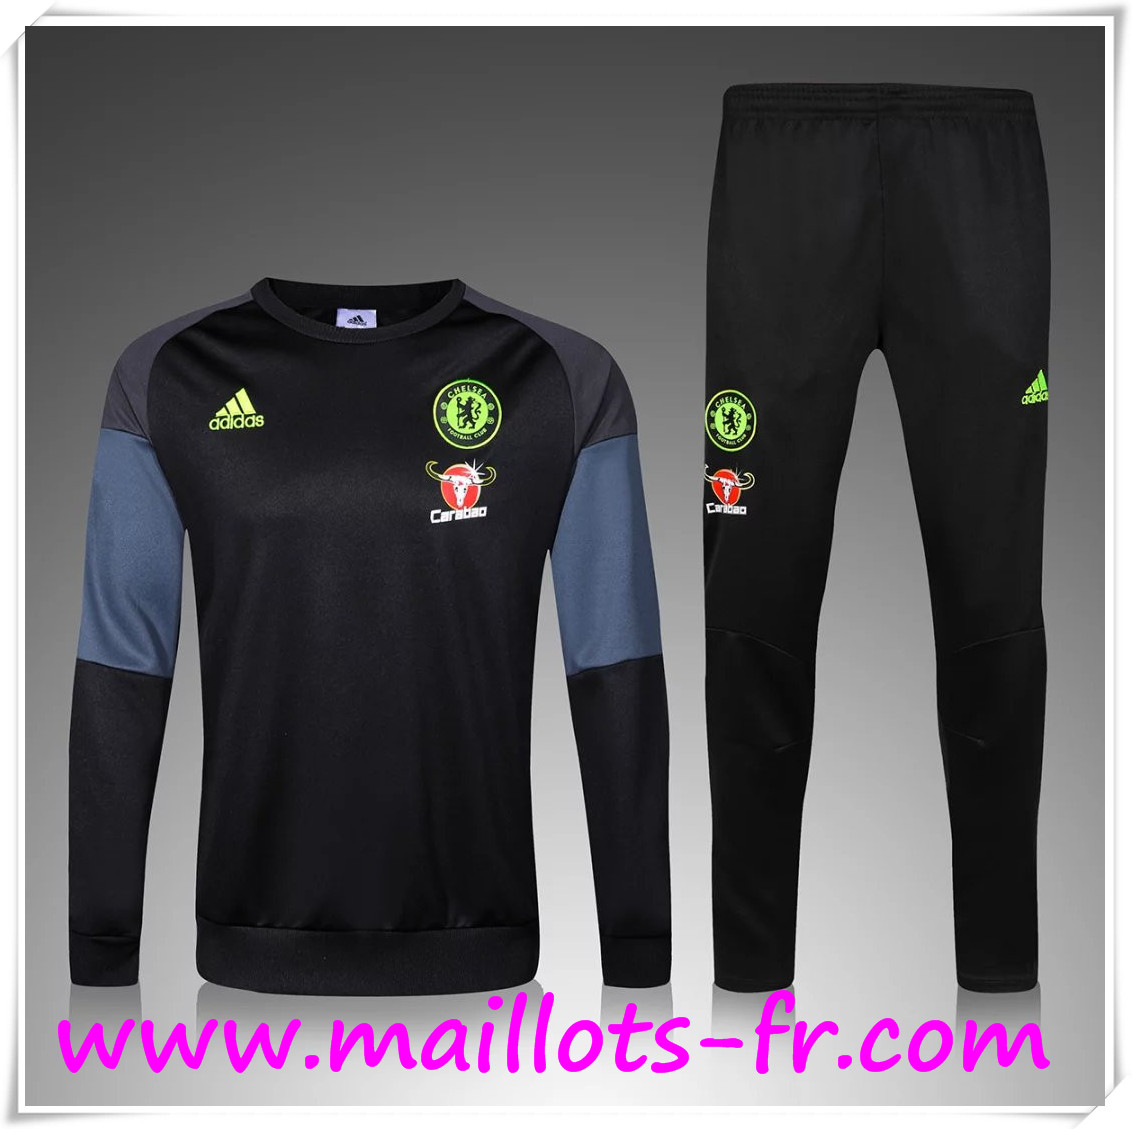 maillots fr Nouveau Survetement de foot FC Chelsea Noir 2016 2017 Ensemble